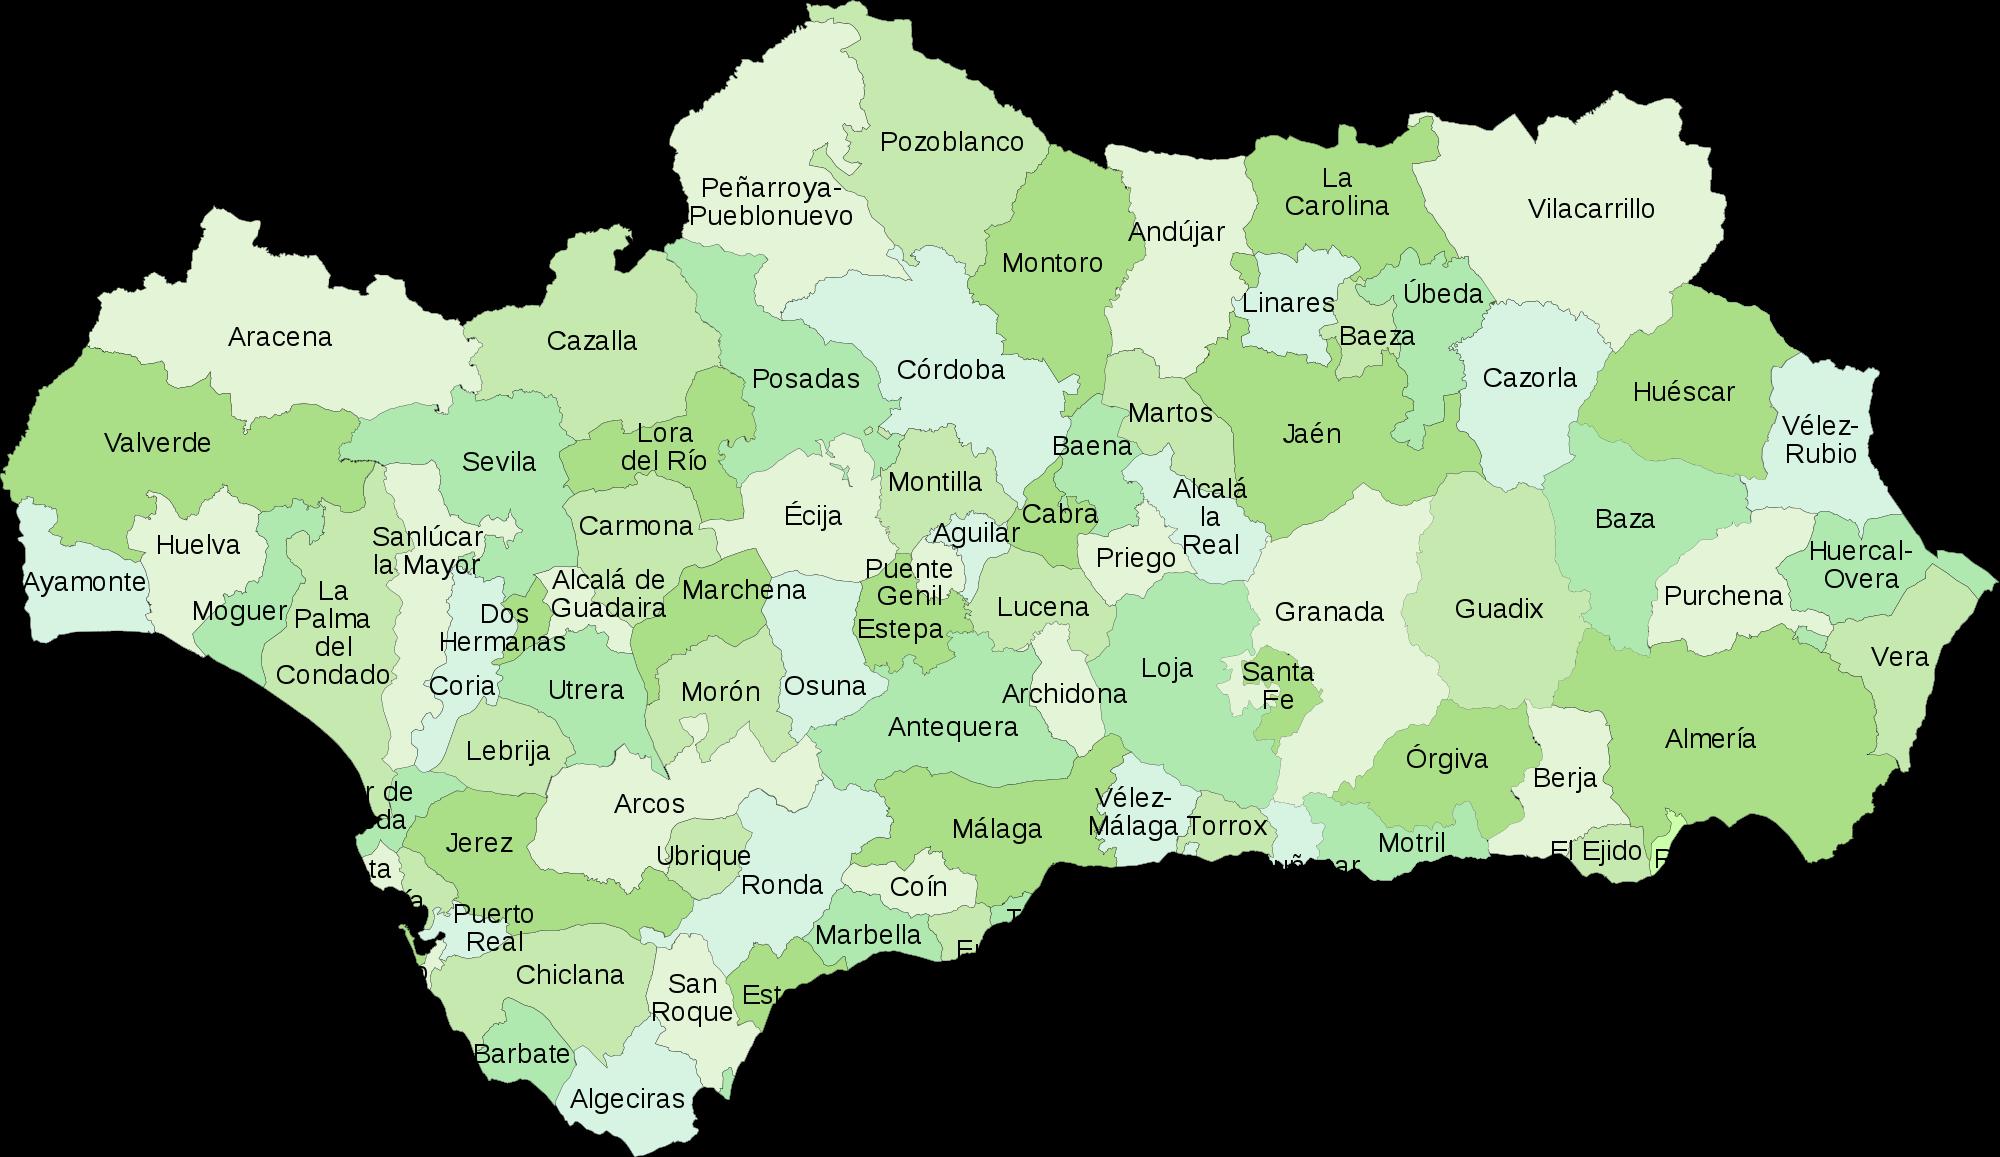 Partidos judiciales de Andalucía 2008